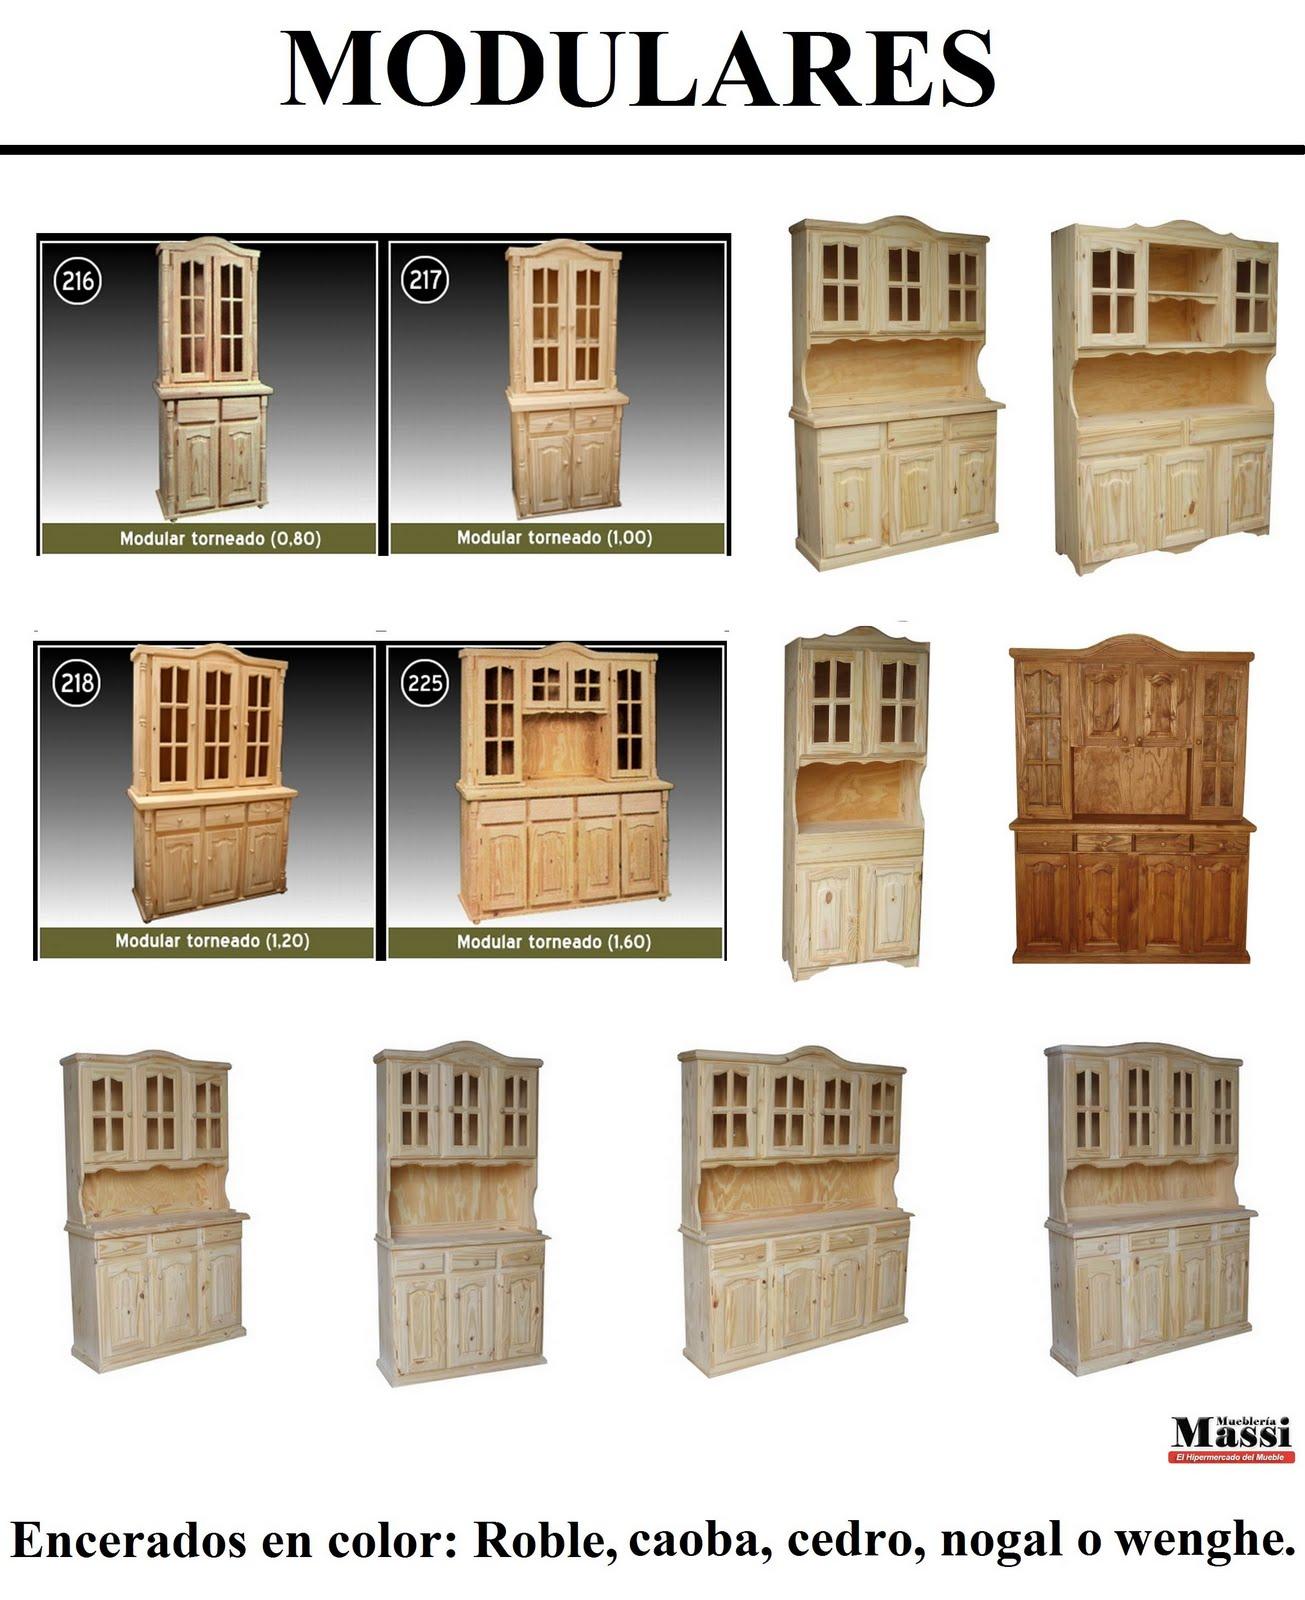 Muebles de pino massi modulares r sticos de muebler a massi - Muebles de pino rusticos ...